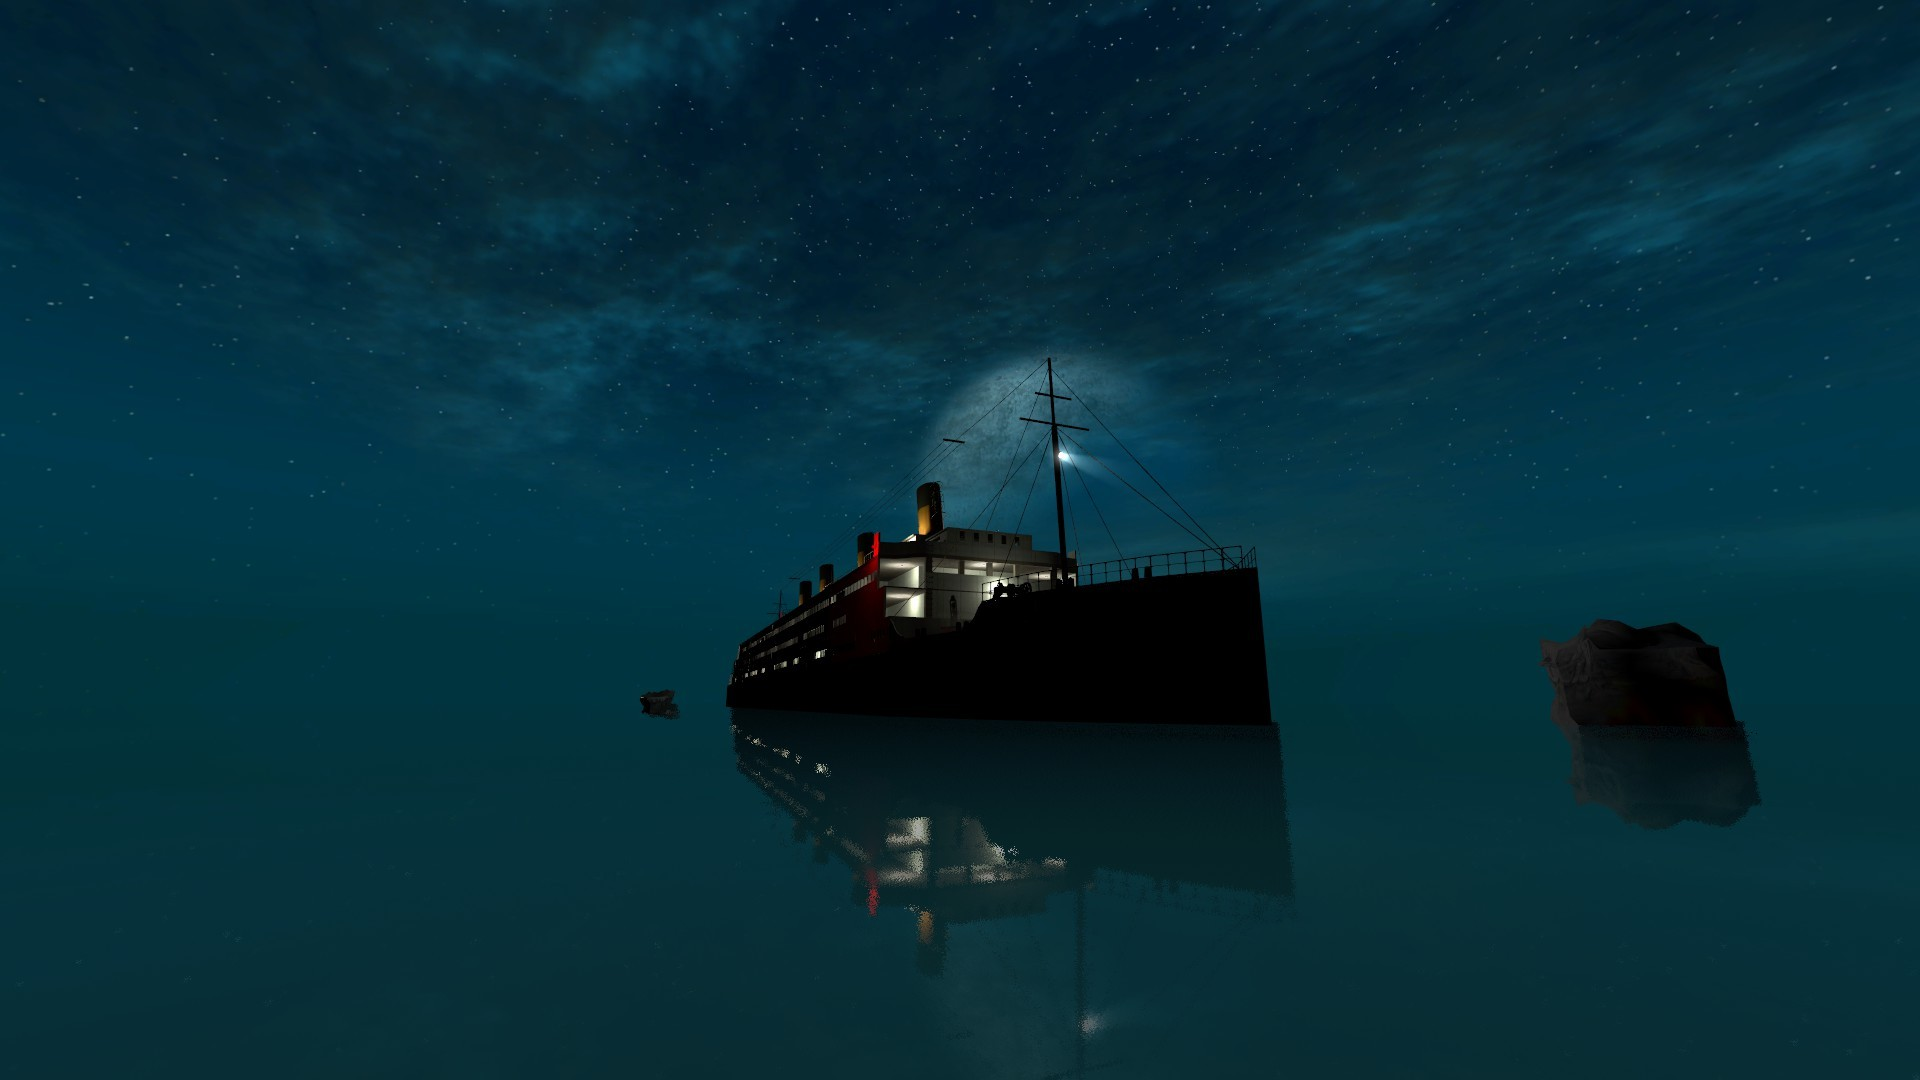 de_Titanic 4f3eaba787847